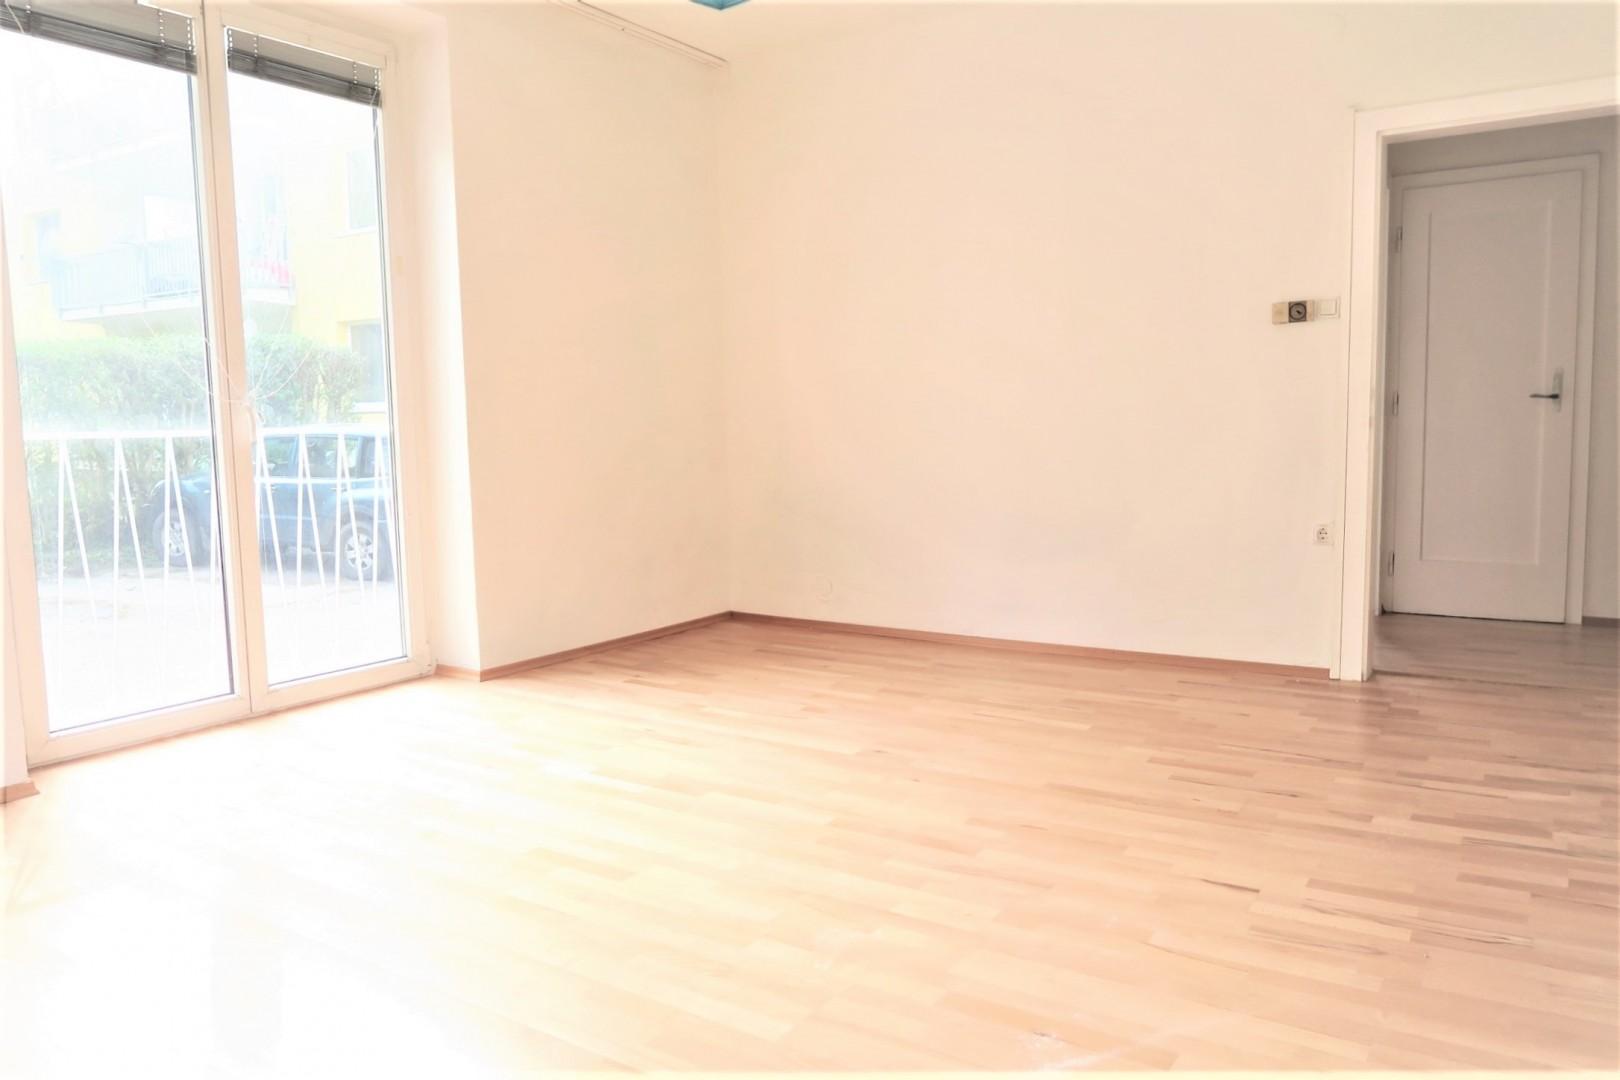 Heller Wohntraum in attraktiver Lage! Eigennutzung oder Anlage!